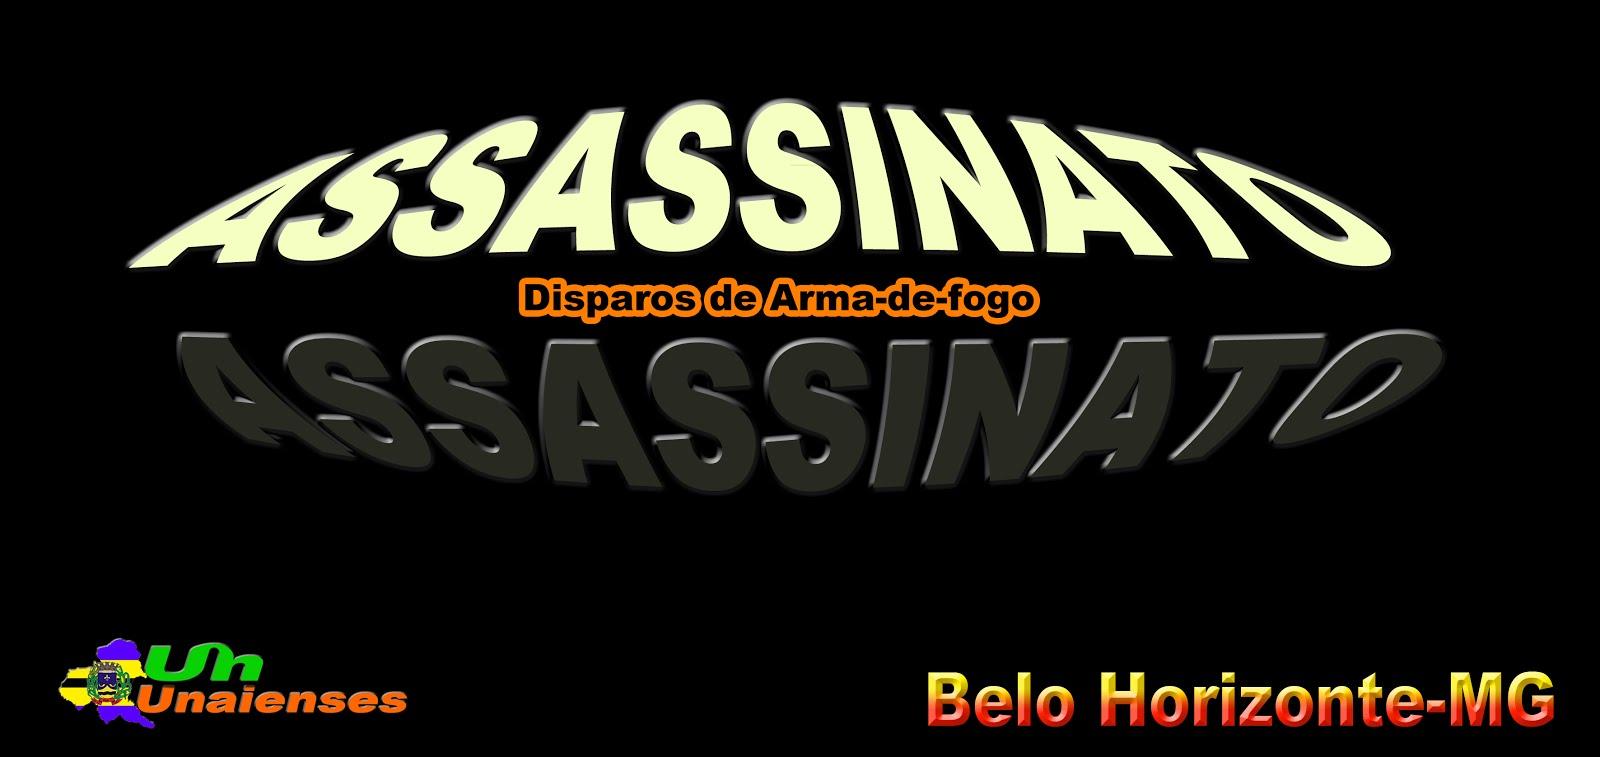 B2 Procurando Casal Belo Horizonte-2230